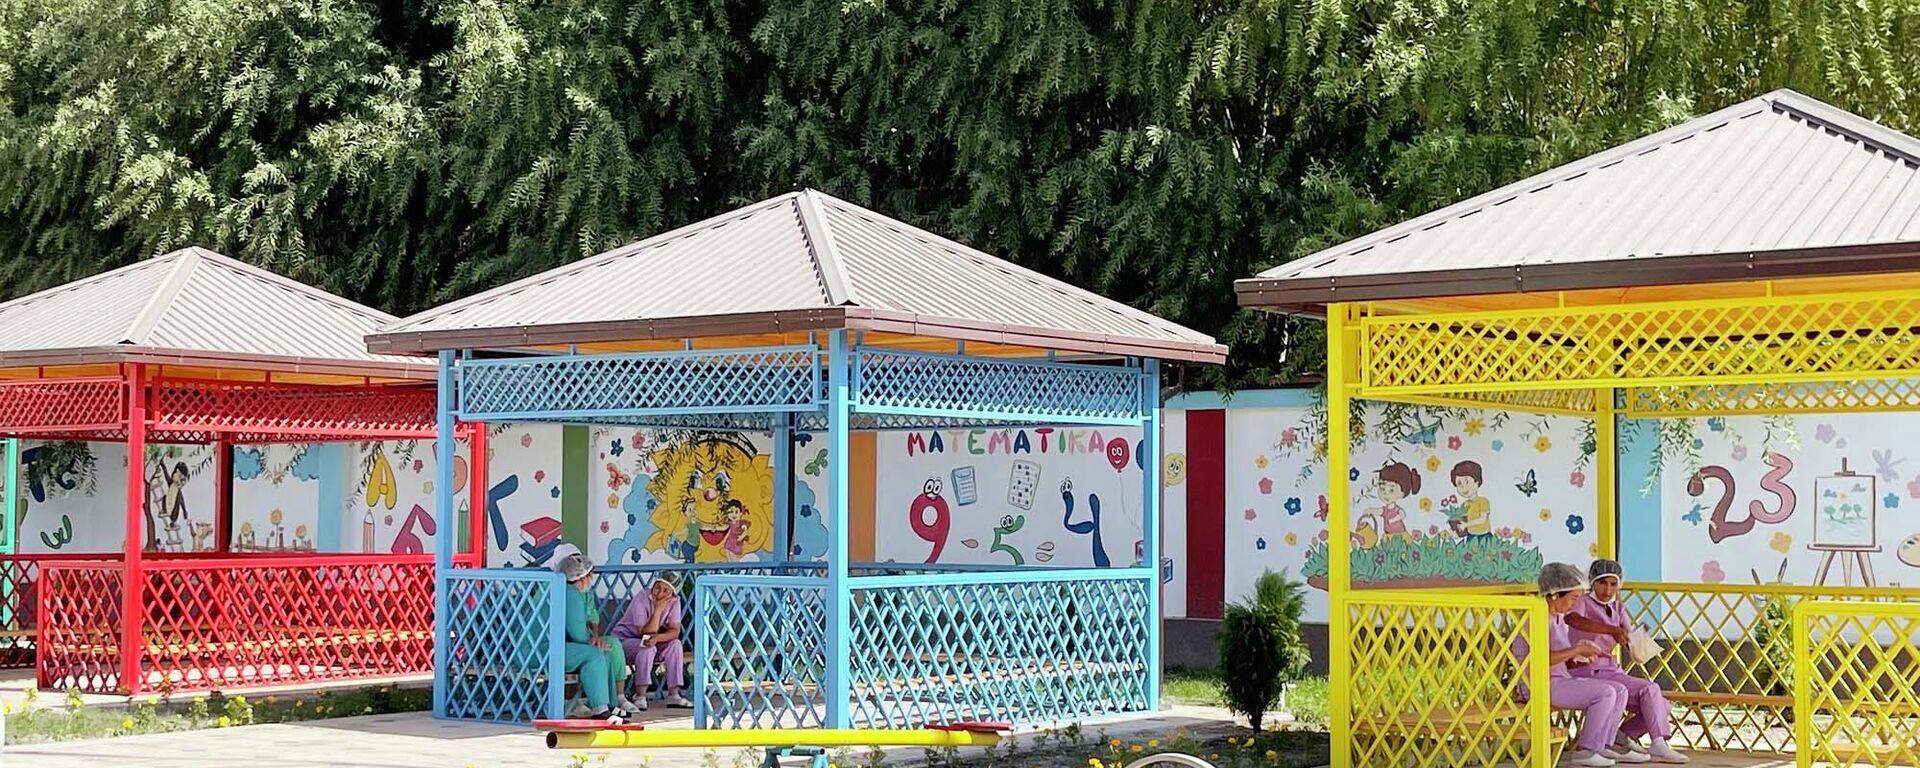 Церемония открытия детского сада в Риштанском районе Ферганской области - Sputnik Ўзбекистон, 1920, 24.09.2021